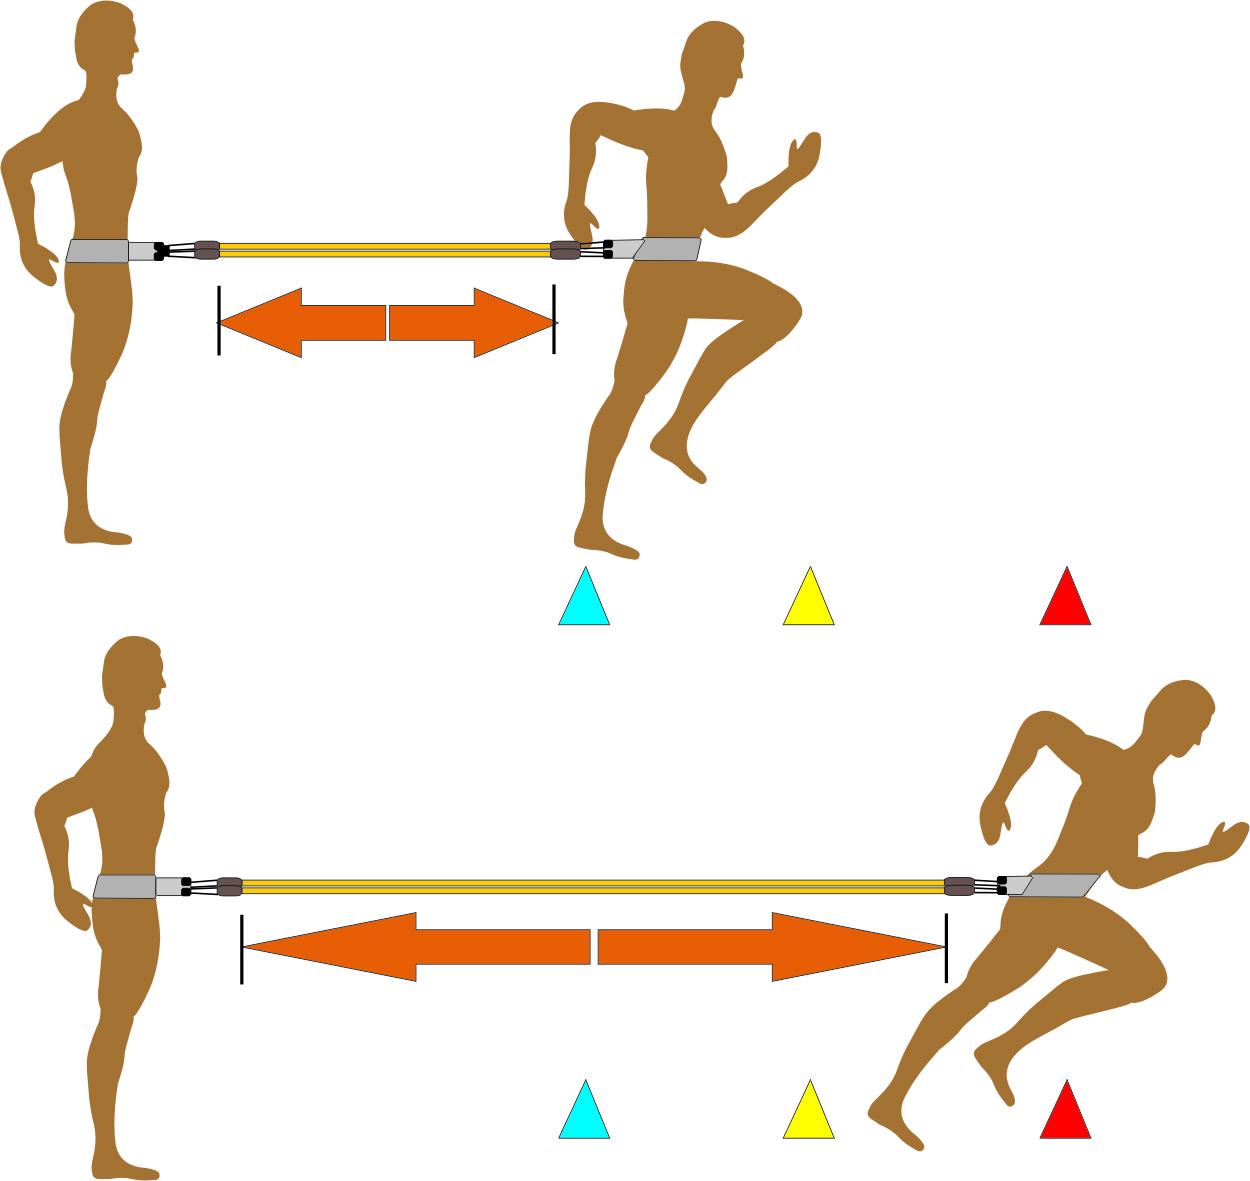 esquema de alongamento do cinto de tração duplo